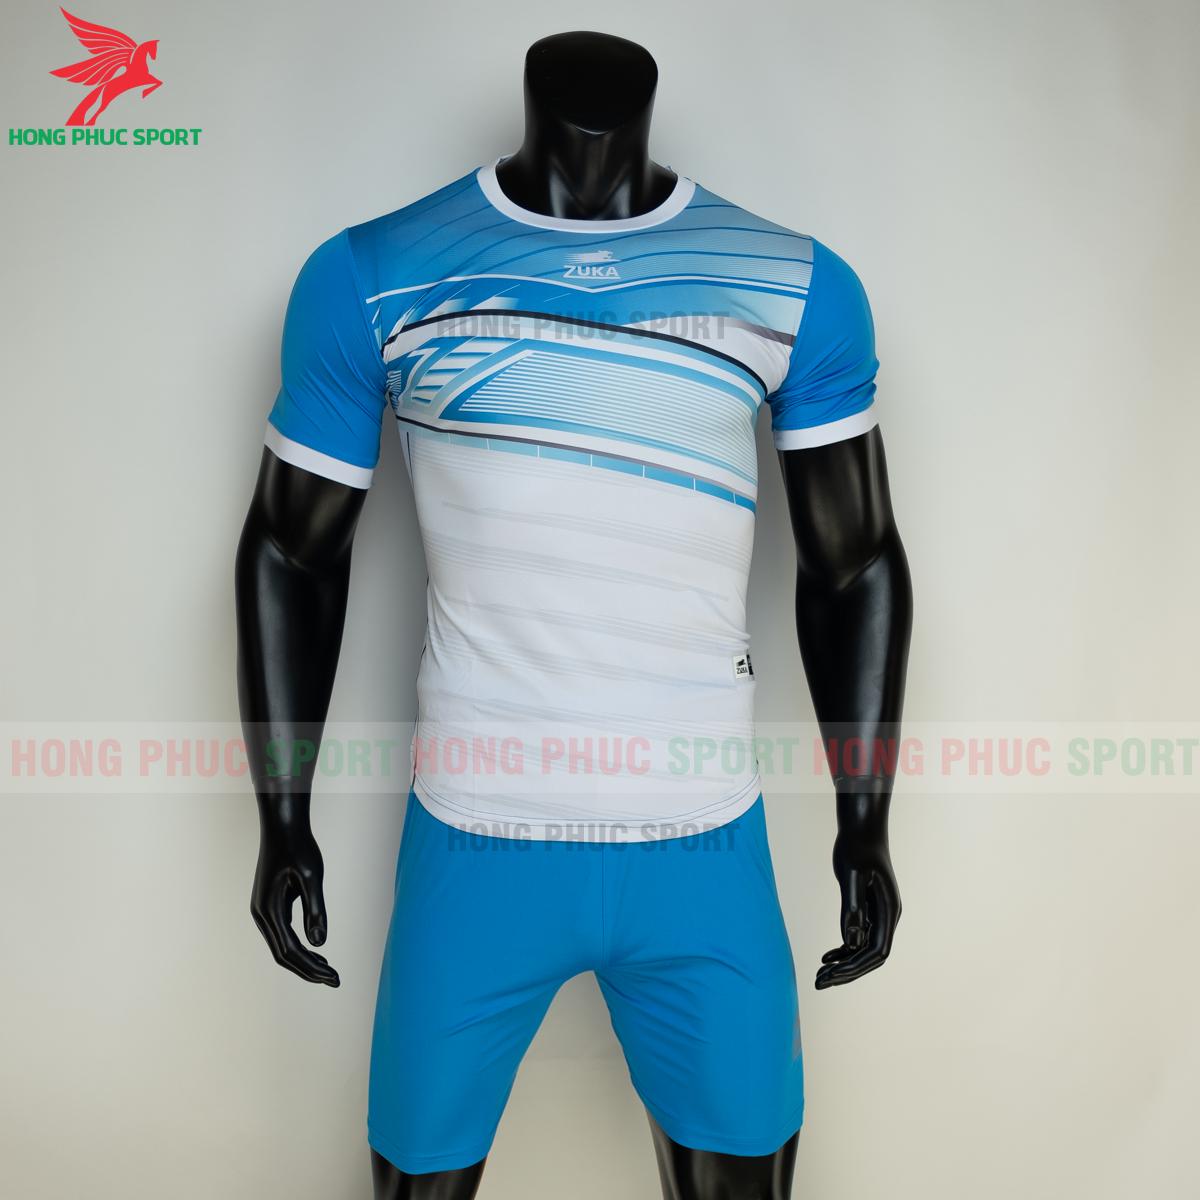 Áo đá banh không logo ZUKA 01 2021 màu Xanh (trước)